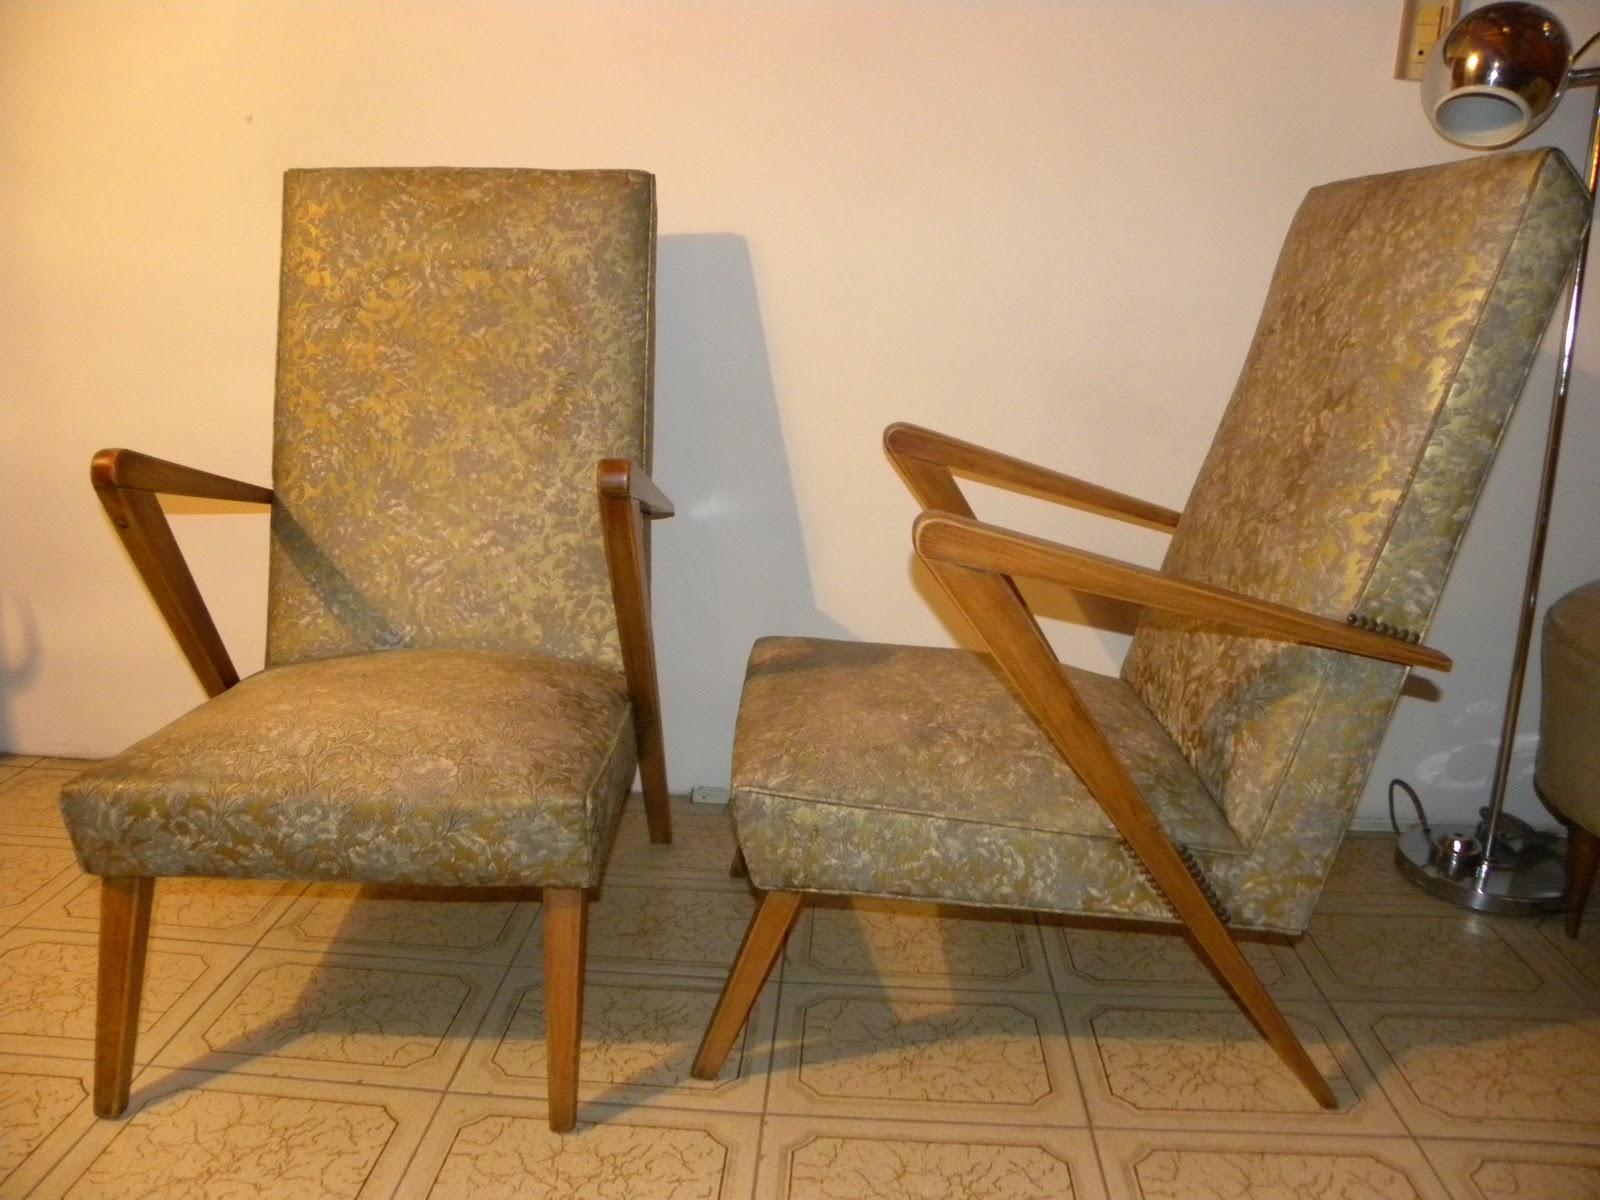 Deco Retro Vintage Par de sillones americanos cuerina labrada